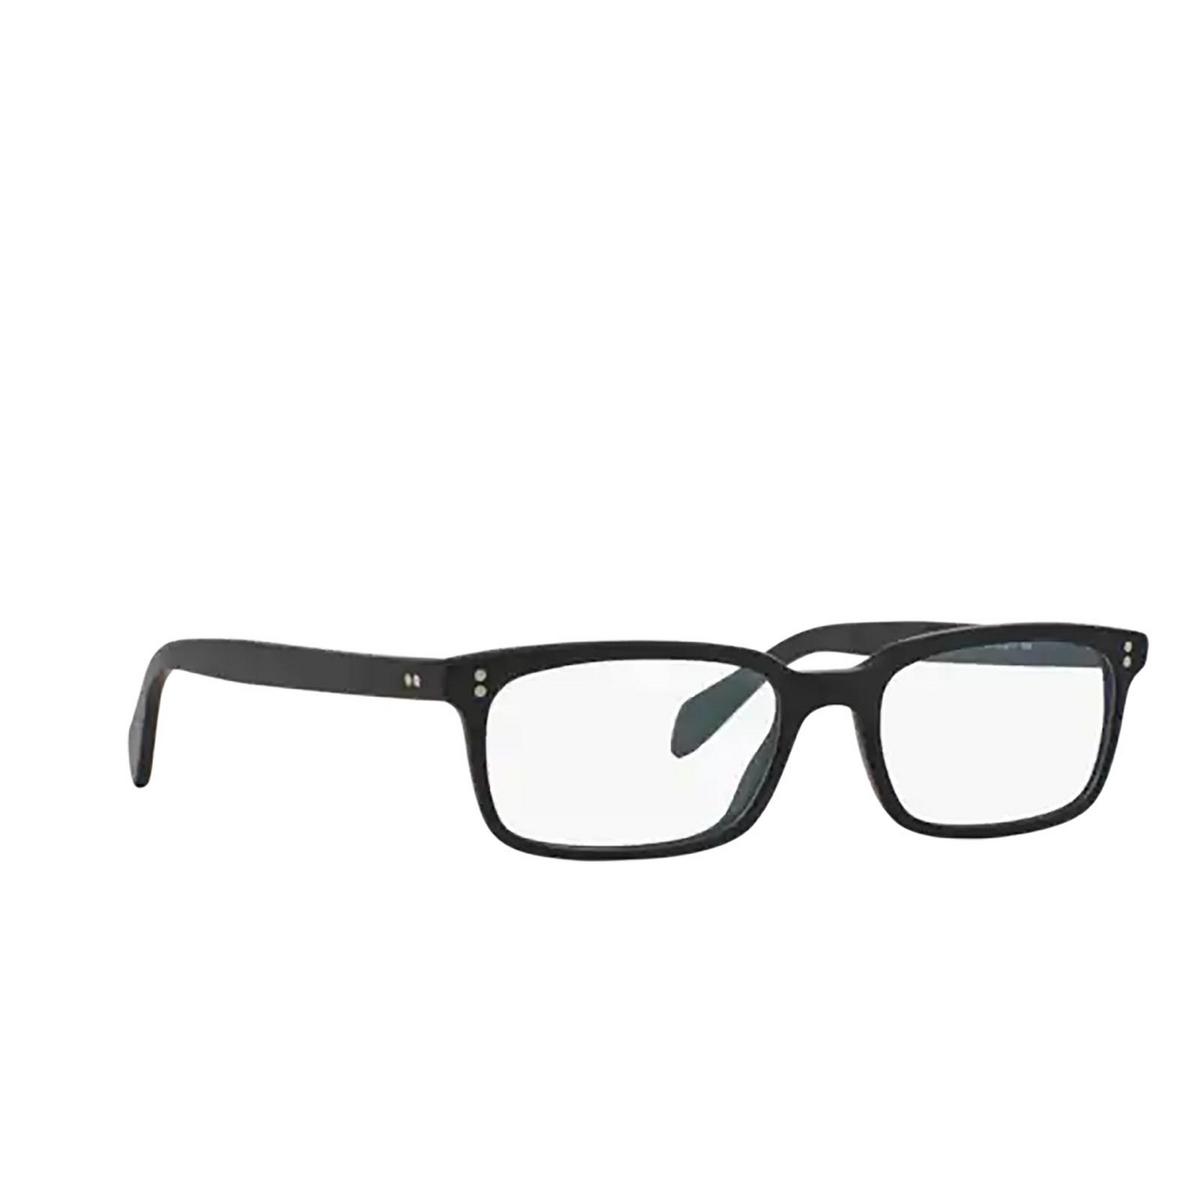 Oliver Peoples® Rectangle Eyeglasses: Denison OV5102 color Matte Black 1031 - three-quarters view.